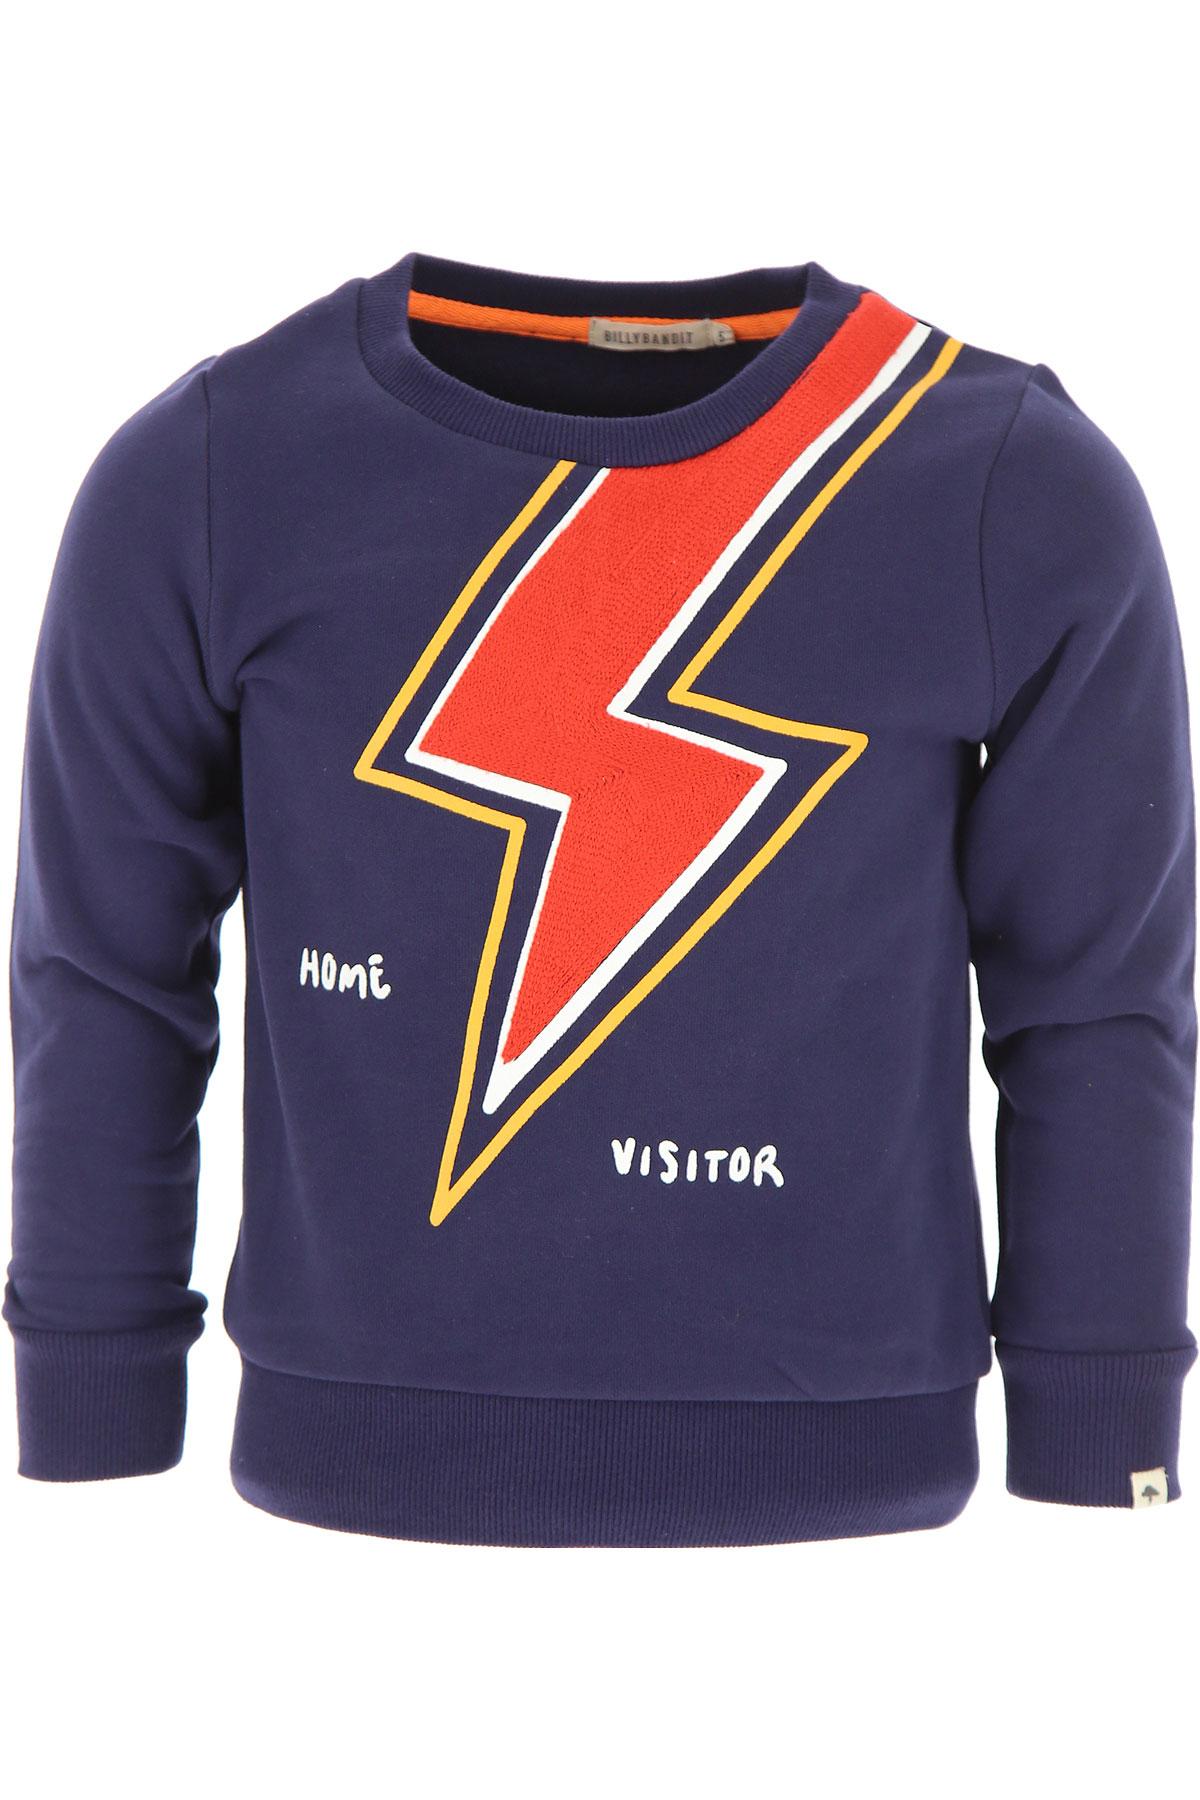 Image of Billybandit Kids Sweatshirts & Hoodies for Boys, Blue, Cotton, 2017, 10Y 2Y 3Y 4Y 5Y 6Y 8Y